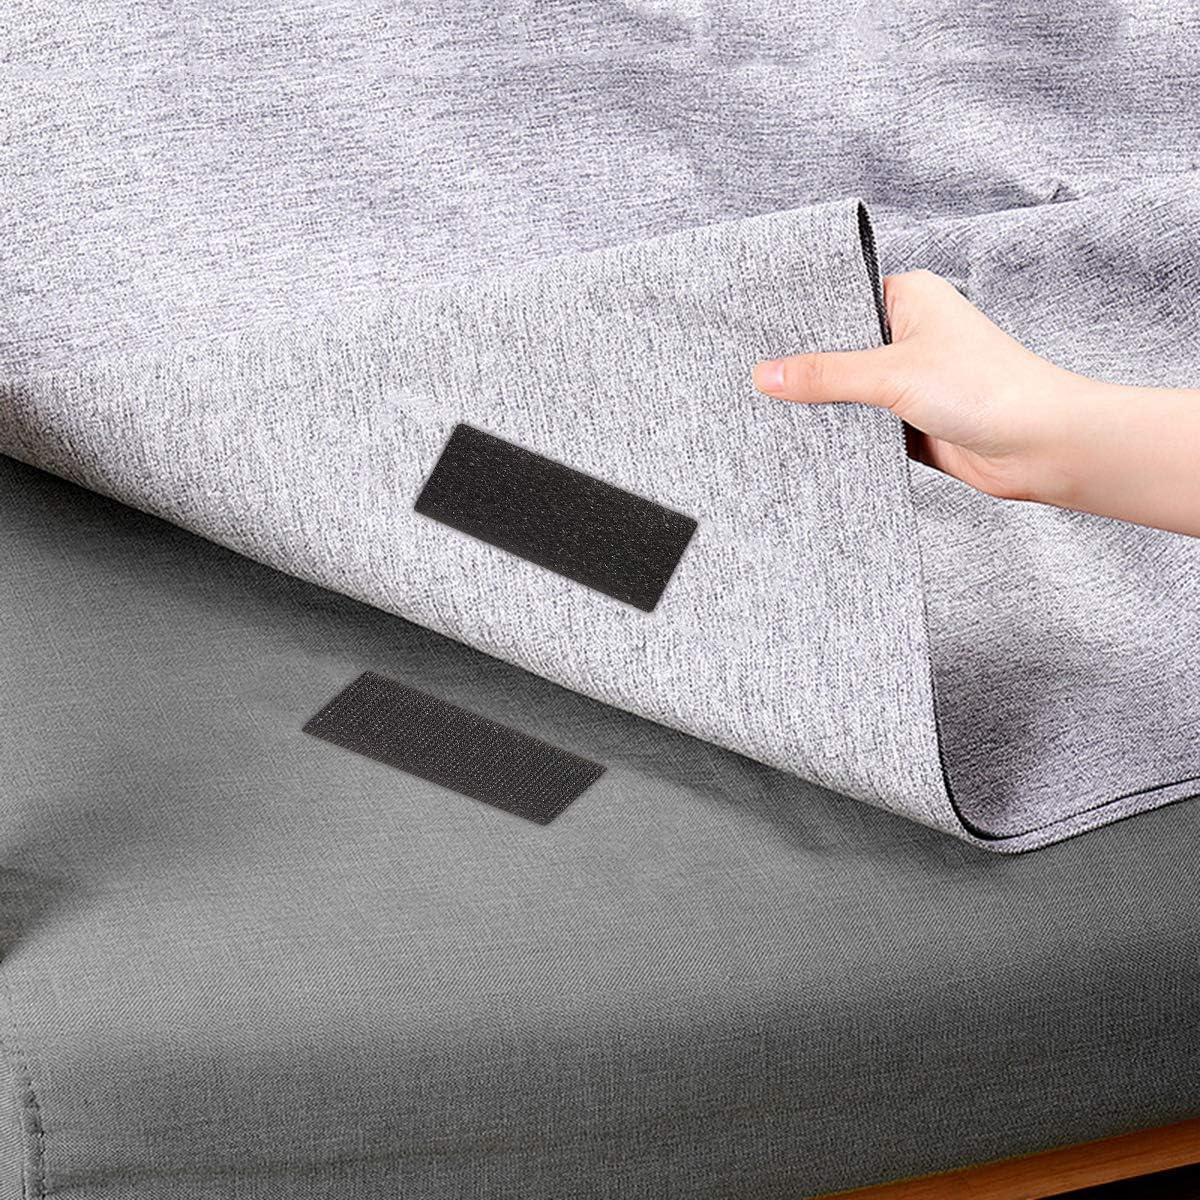 cinta adhesiva de doble cara para interior y exterior JJ PRIME 16 en 1 tira rect/ángulo de gancho y bucle negro